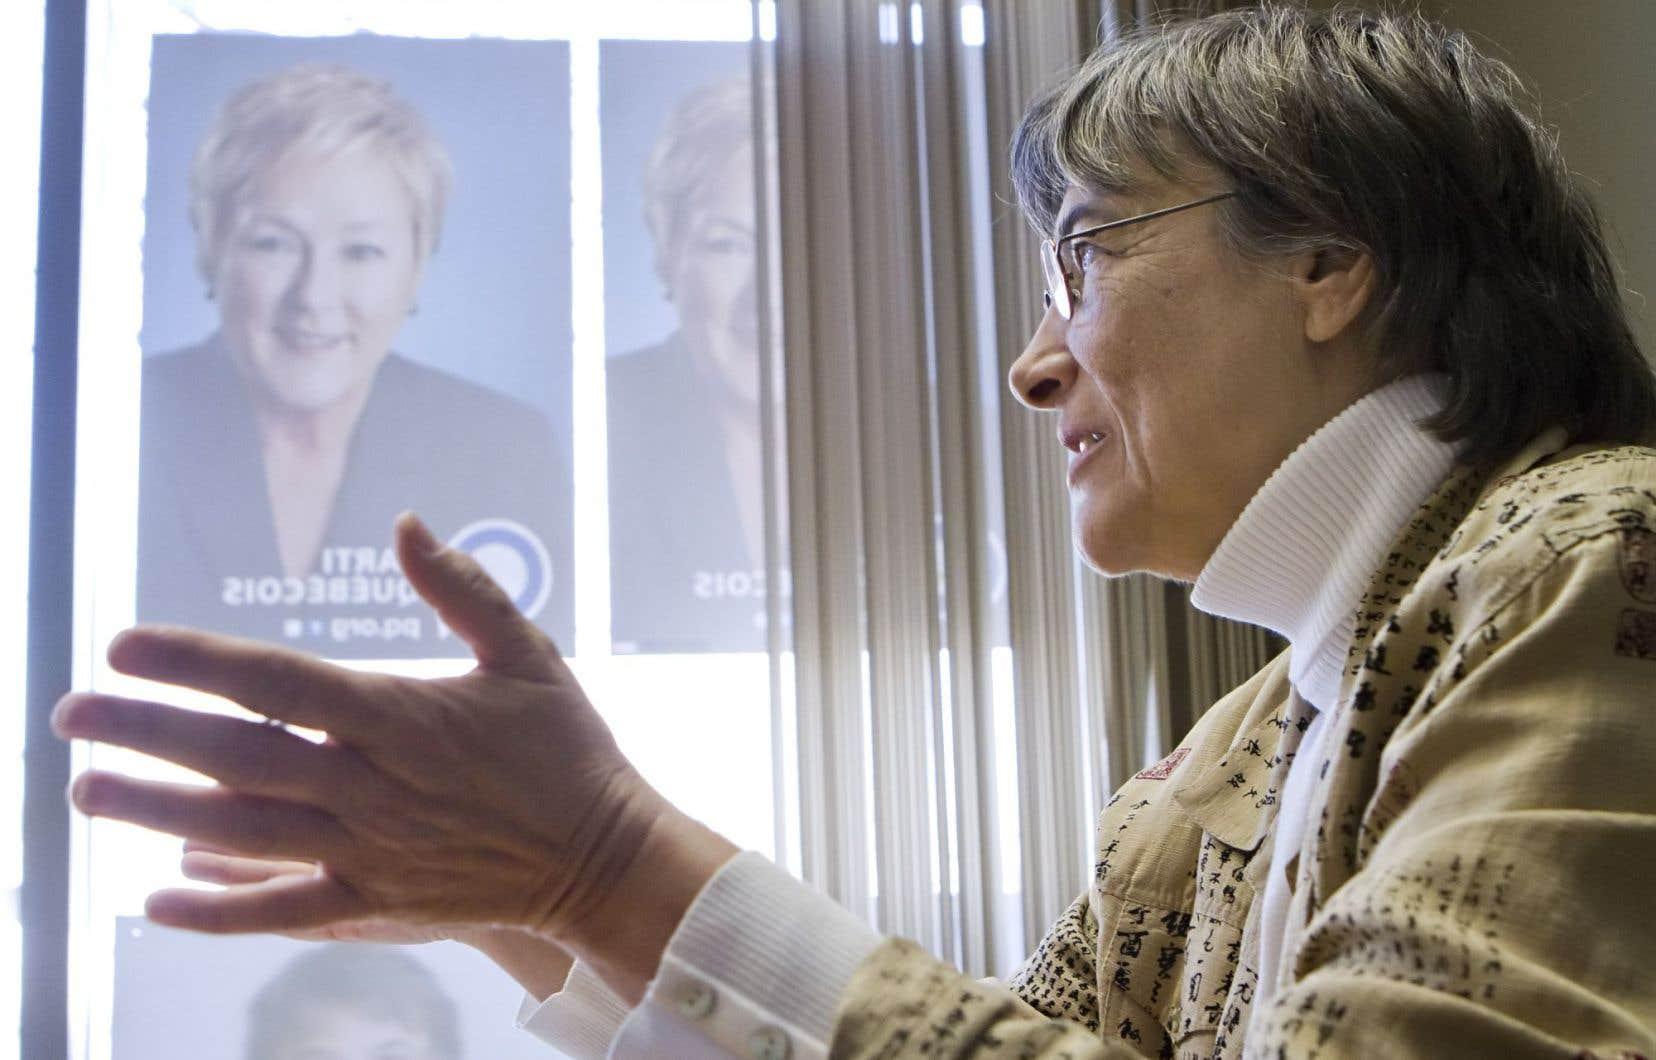 Dans son rapport, Dominique Payette conclut que les radios privées ont contribué à l'instauration d'un « régime de peur » à Québec.